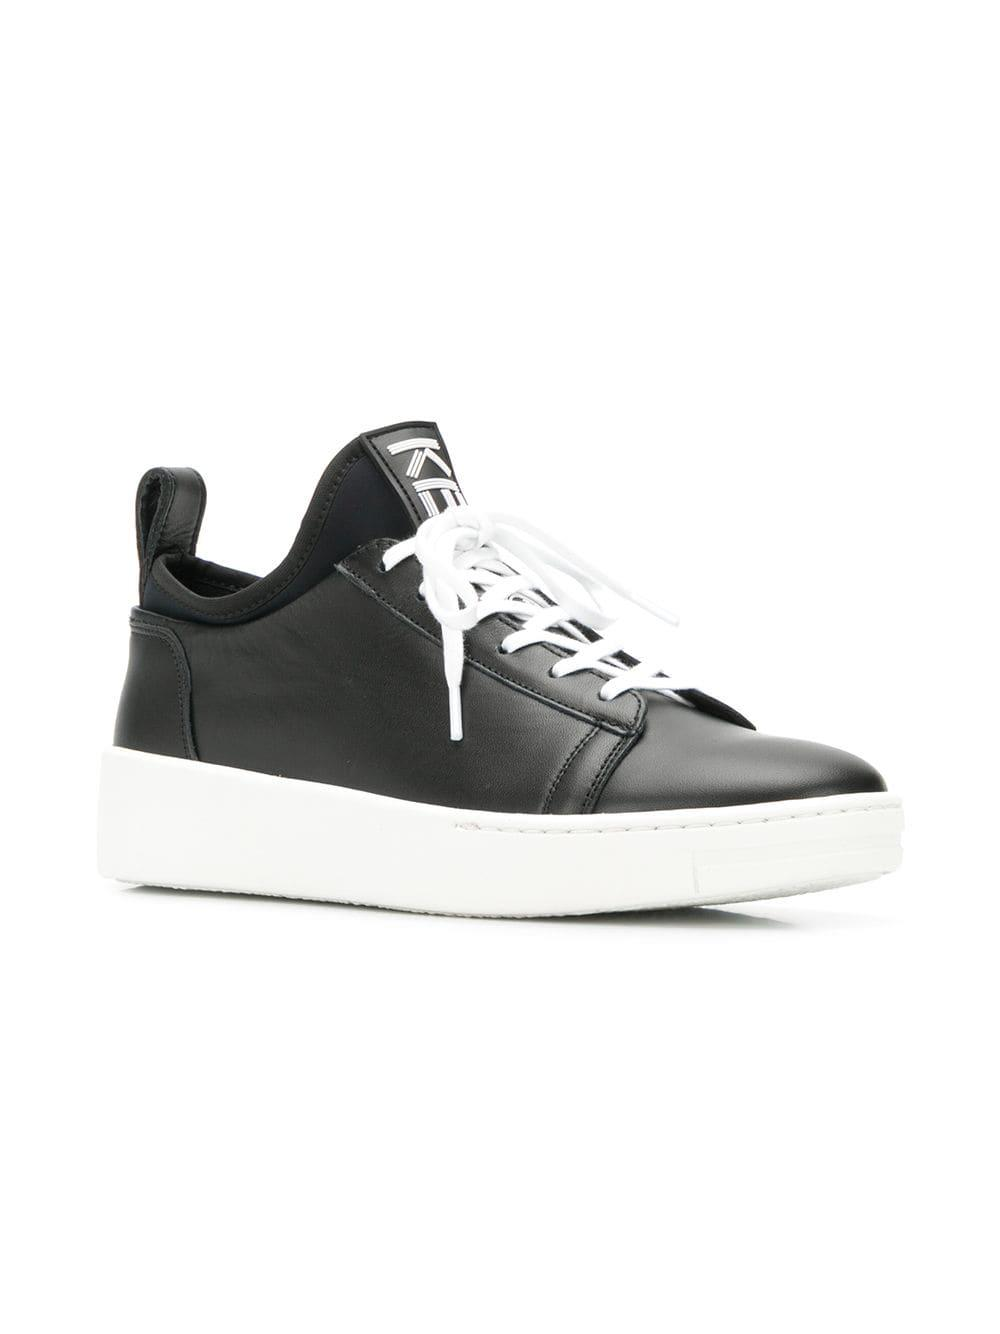 4e69b5054b14 Lyst - Kenzo Low-top Sneakers in Black